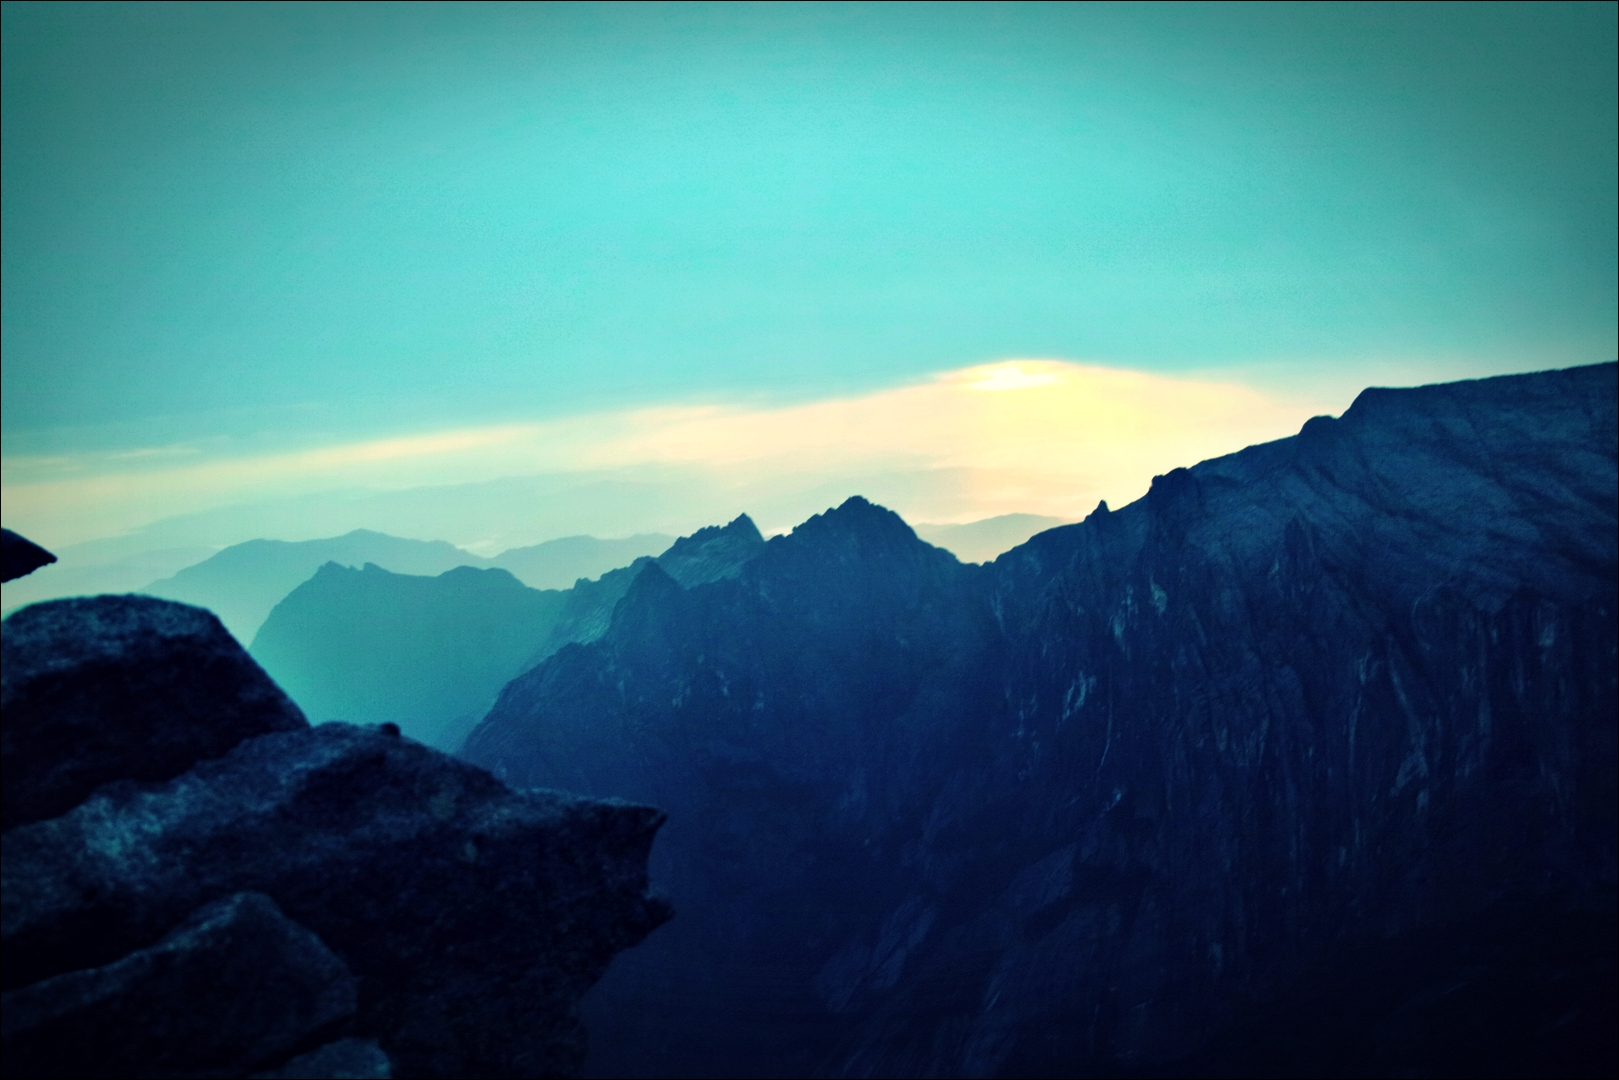 정상 풍경-'키나발루 산 등정 Climbing mount Kinabalu Low's peak the summit'